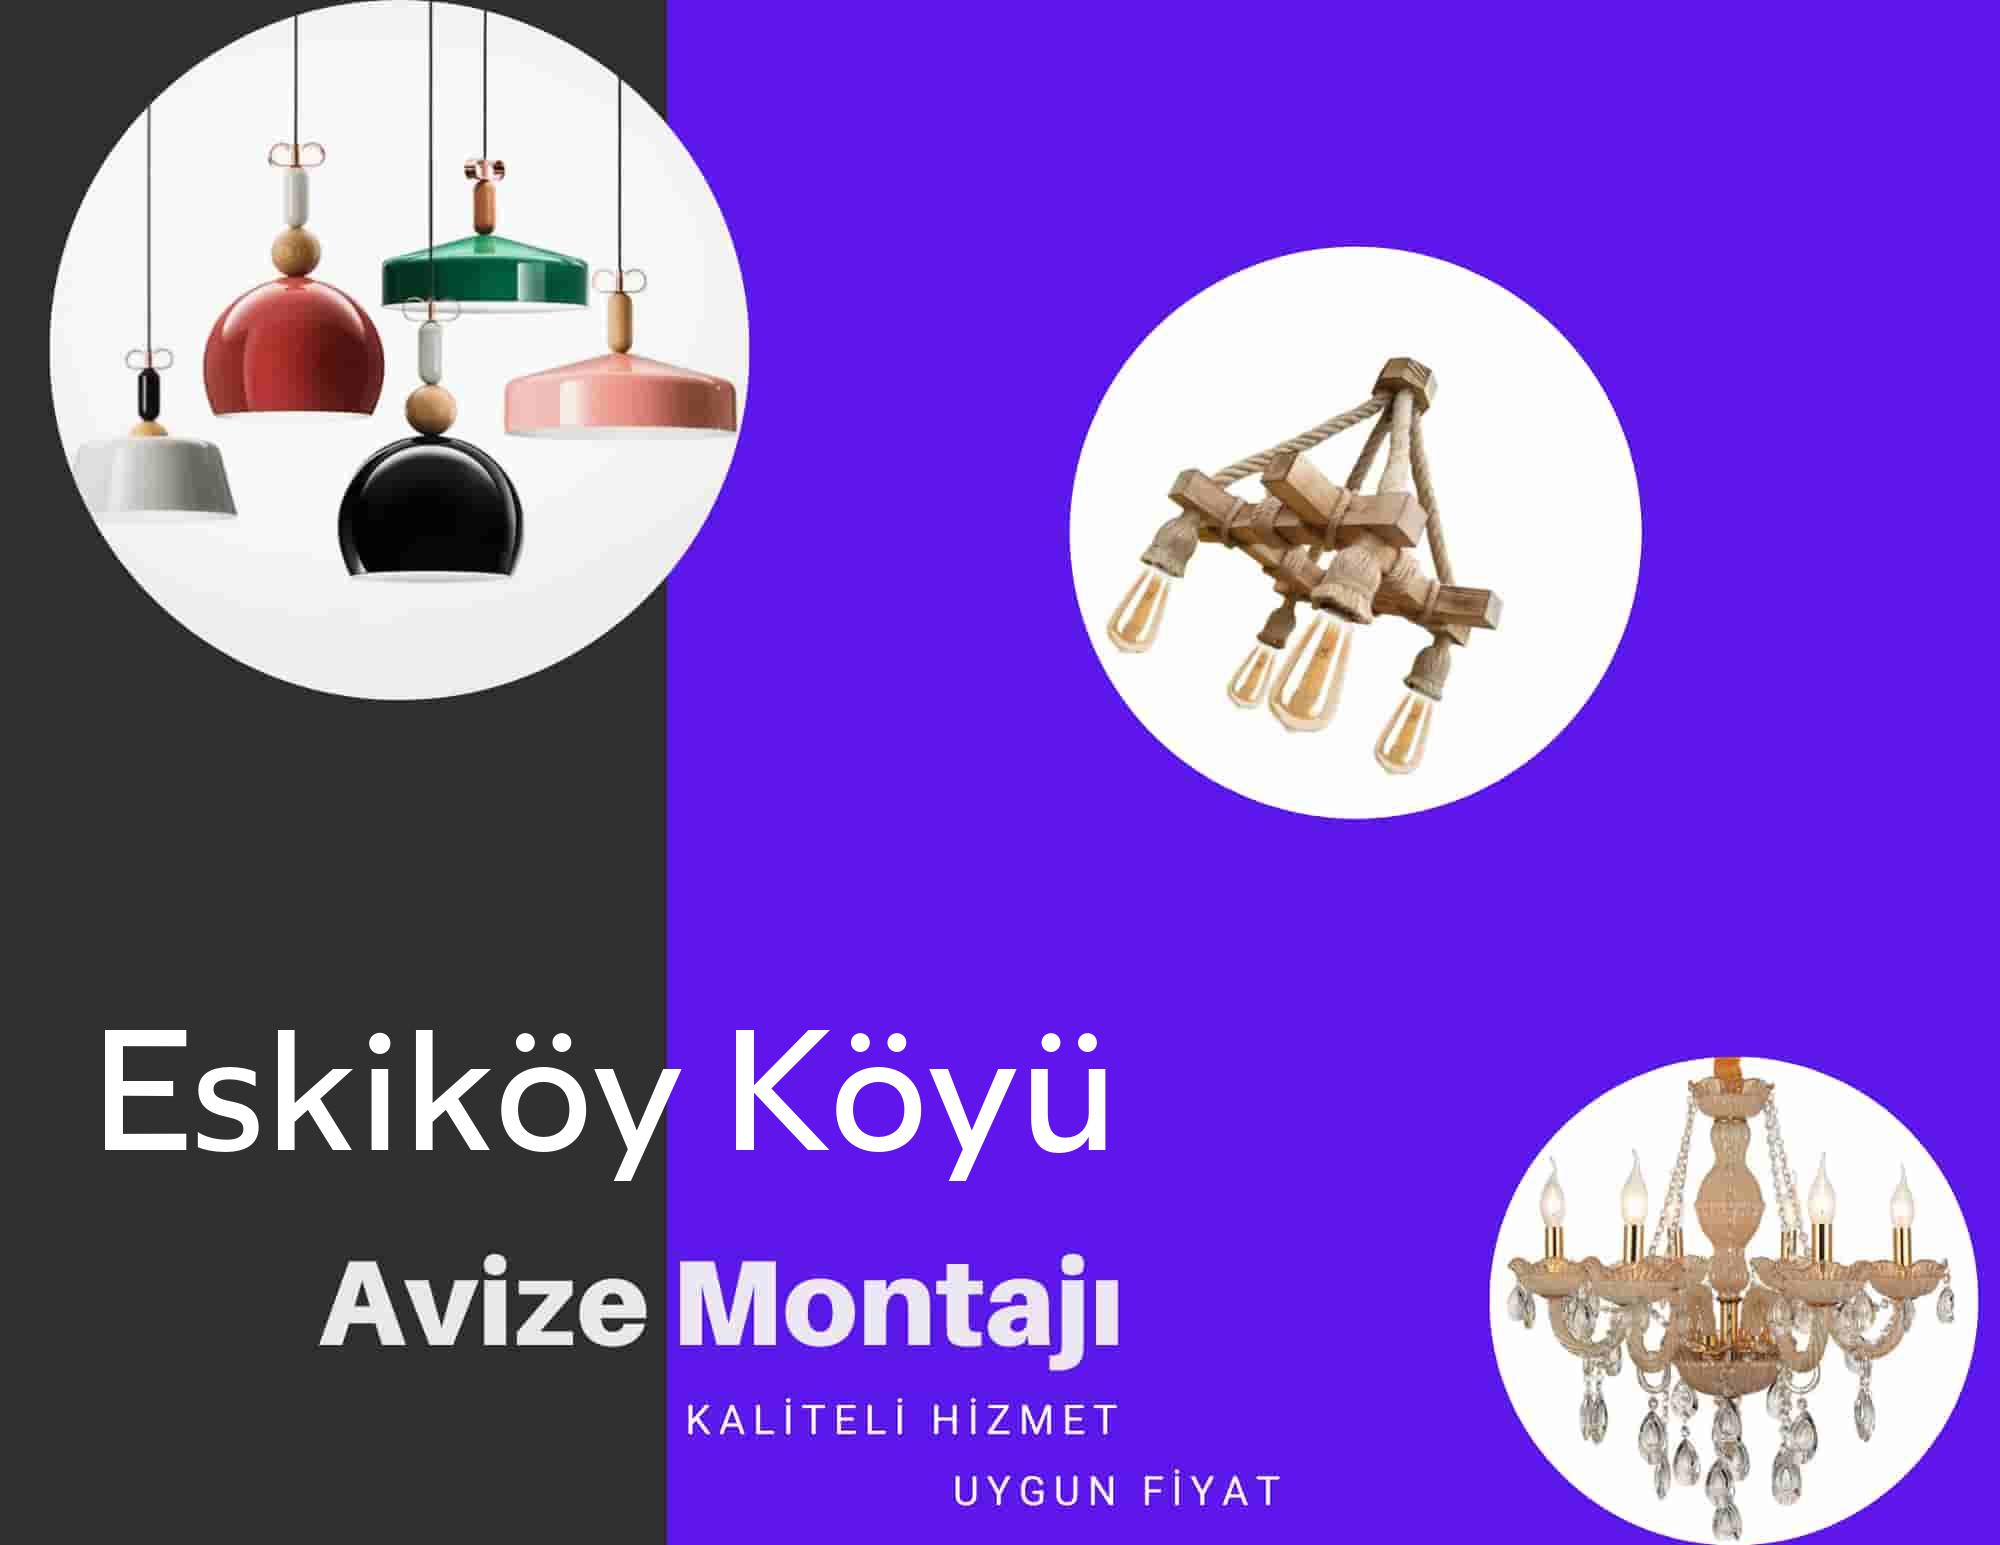 Eskiköy Köyüde avize montajı yapan yerler arıyorsanız elektrikcicagir anında size profesyonel avize montajı ustasını yönlendirir.